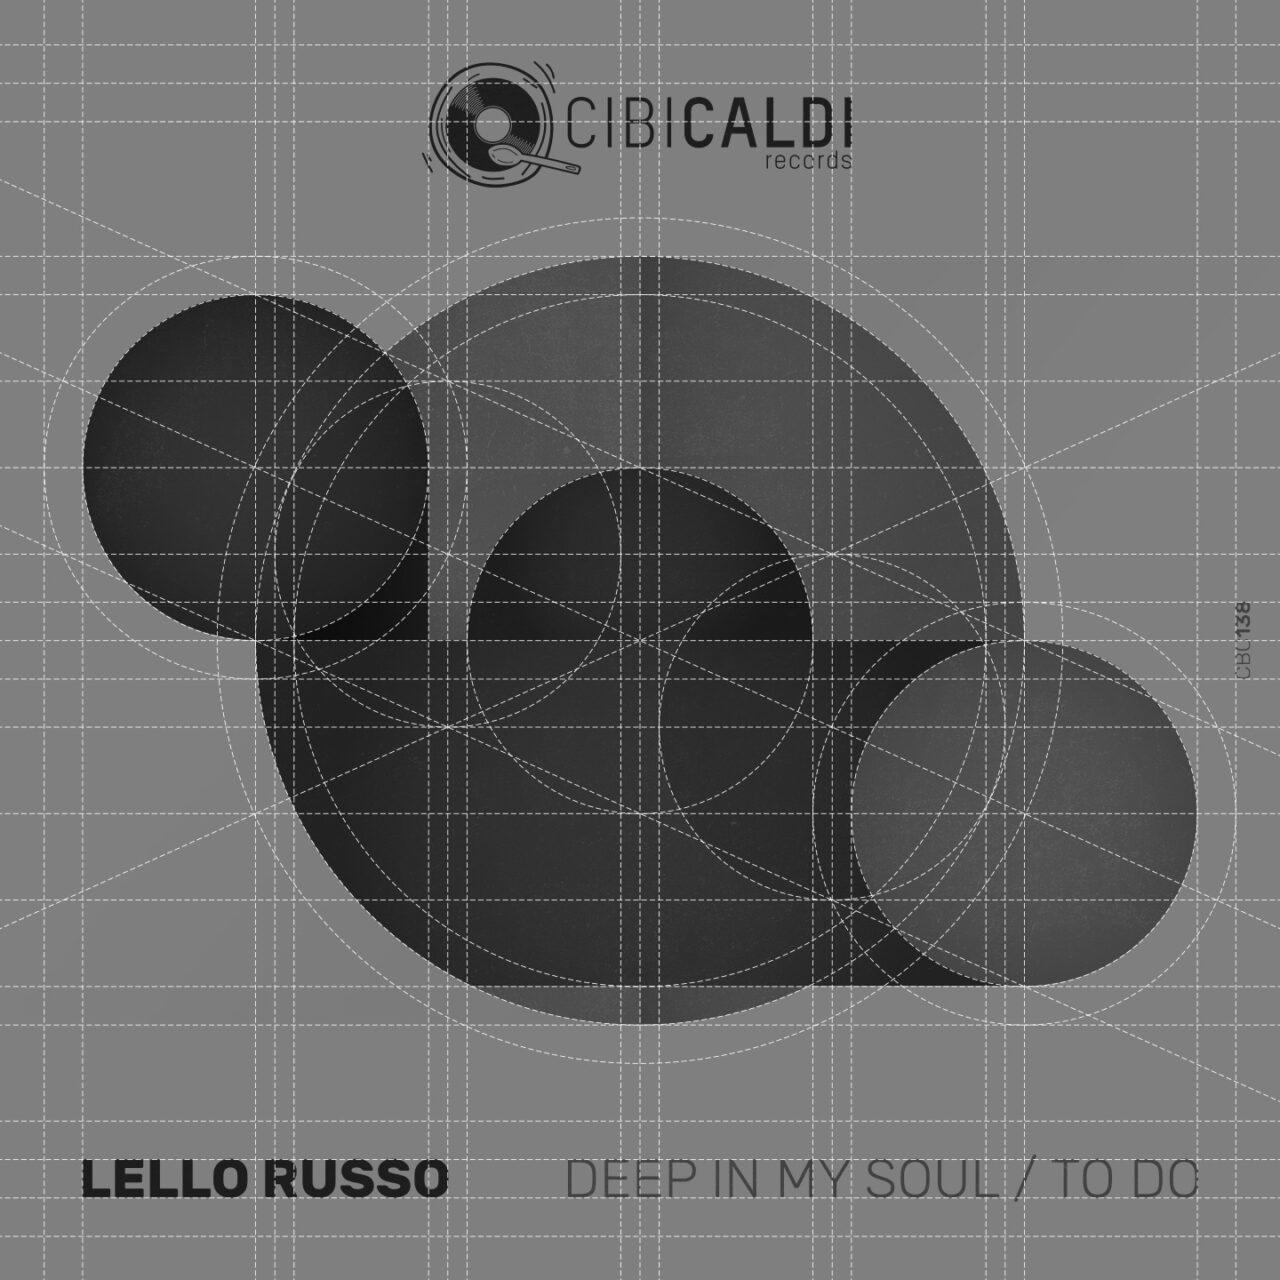 CBC138_LelloRusso_DeepInMySoul_construction_DEF